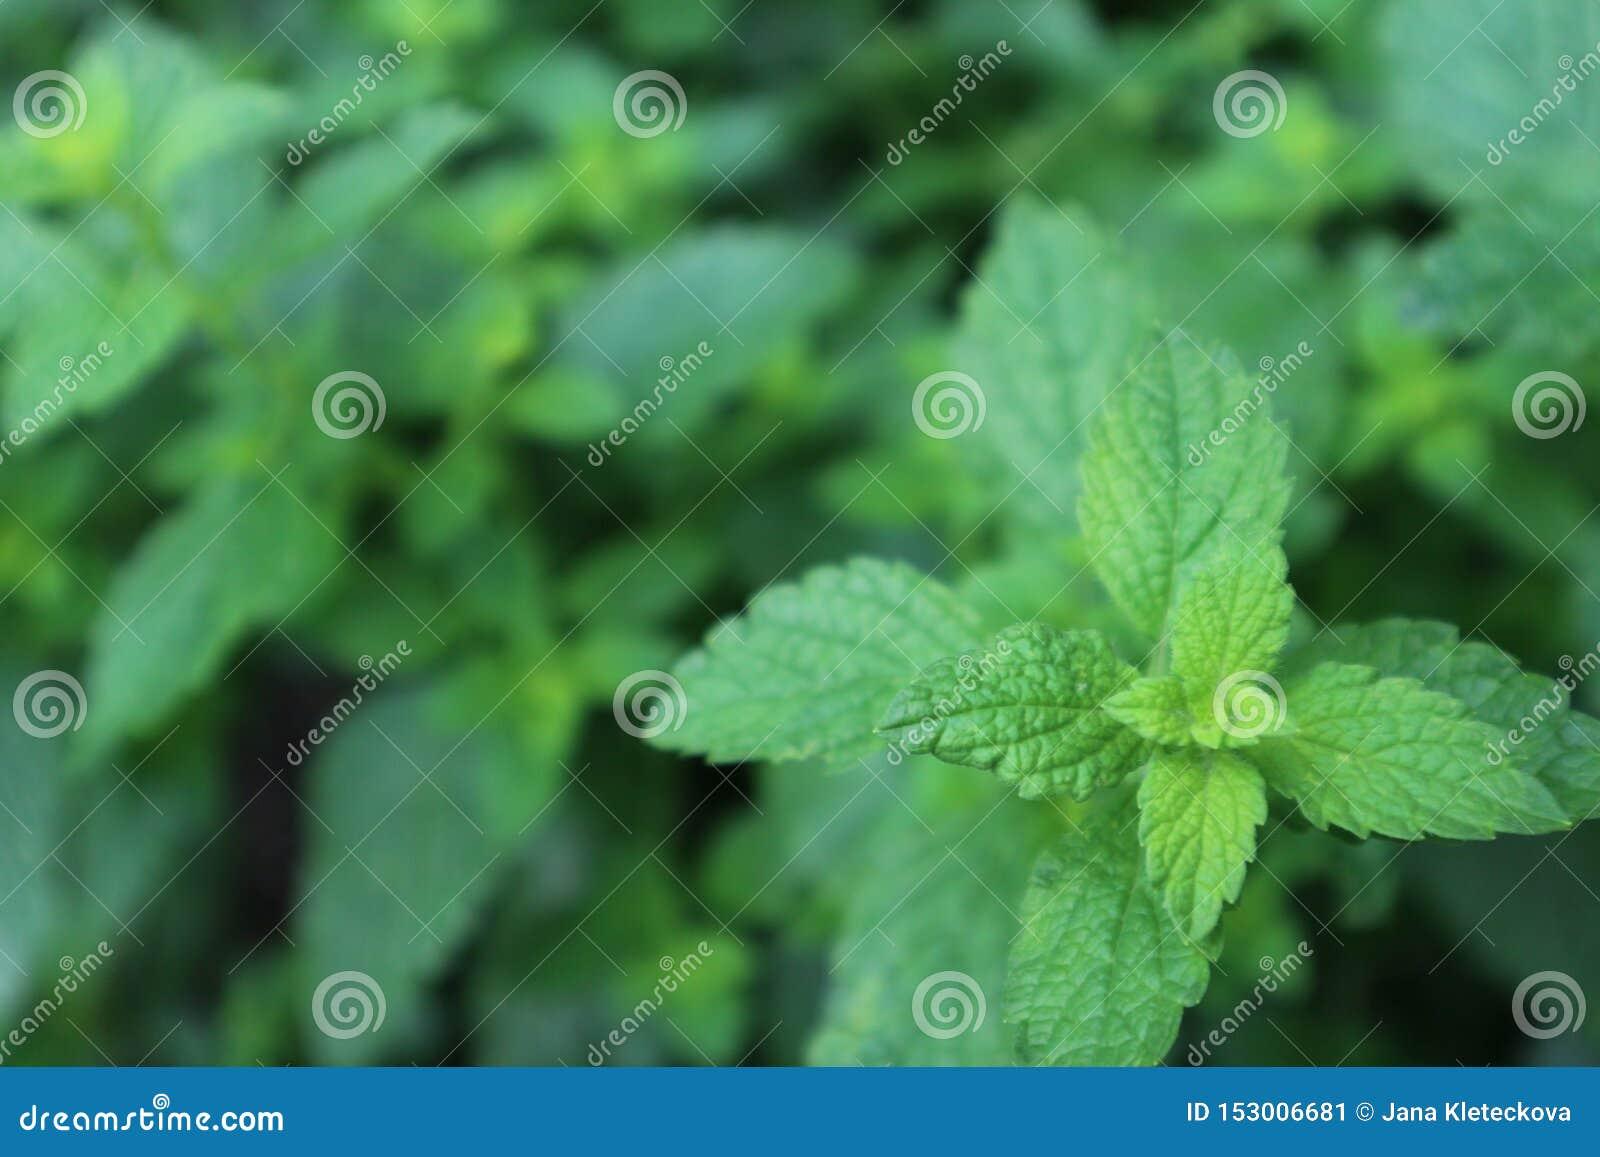 Herbal defocused texture, melissa officinalis herb plant background